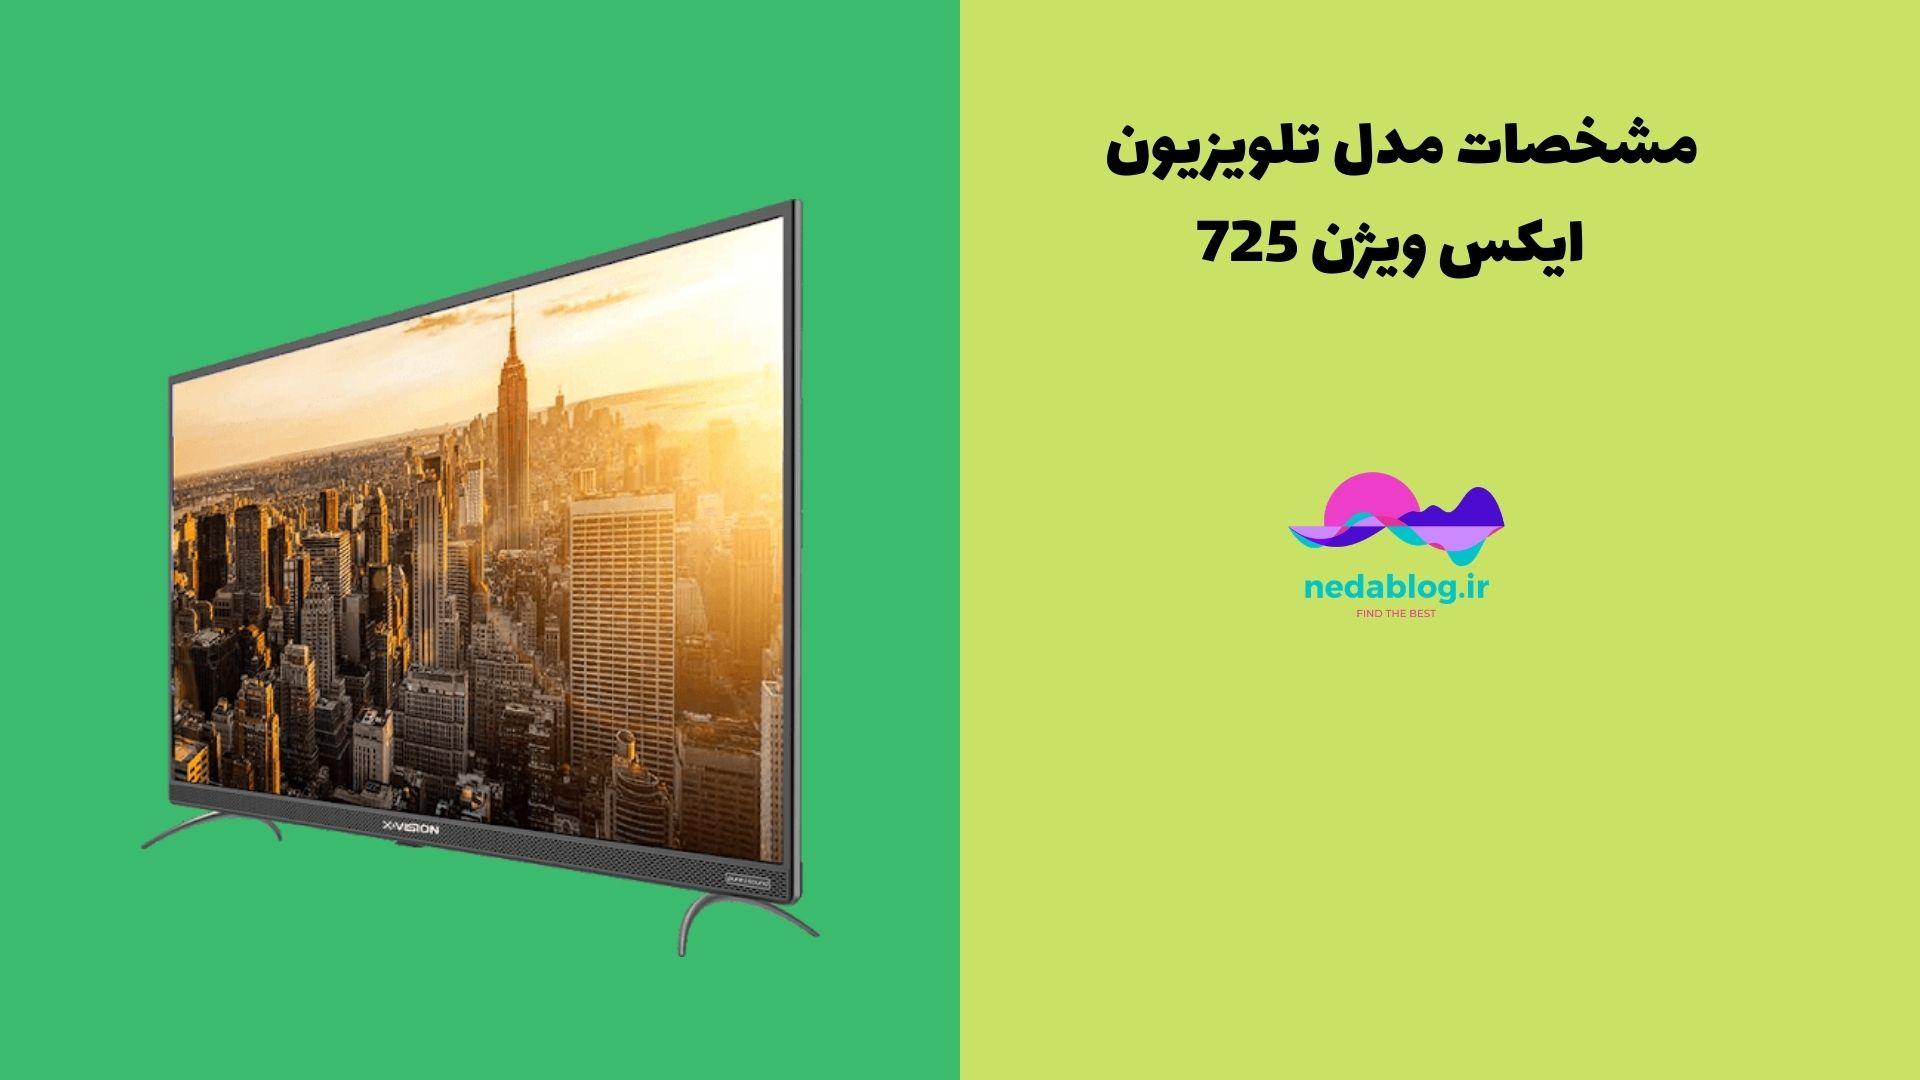 مشخصات مدل تلویزیون ایکس ویژن 725